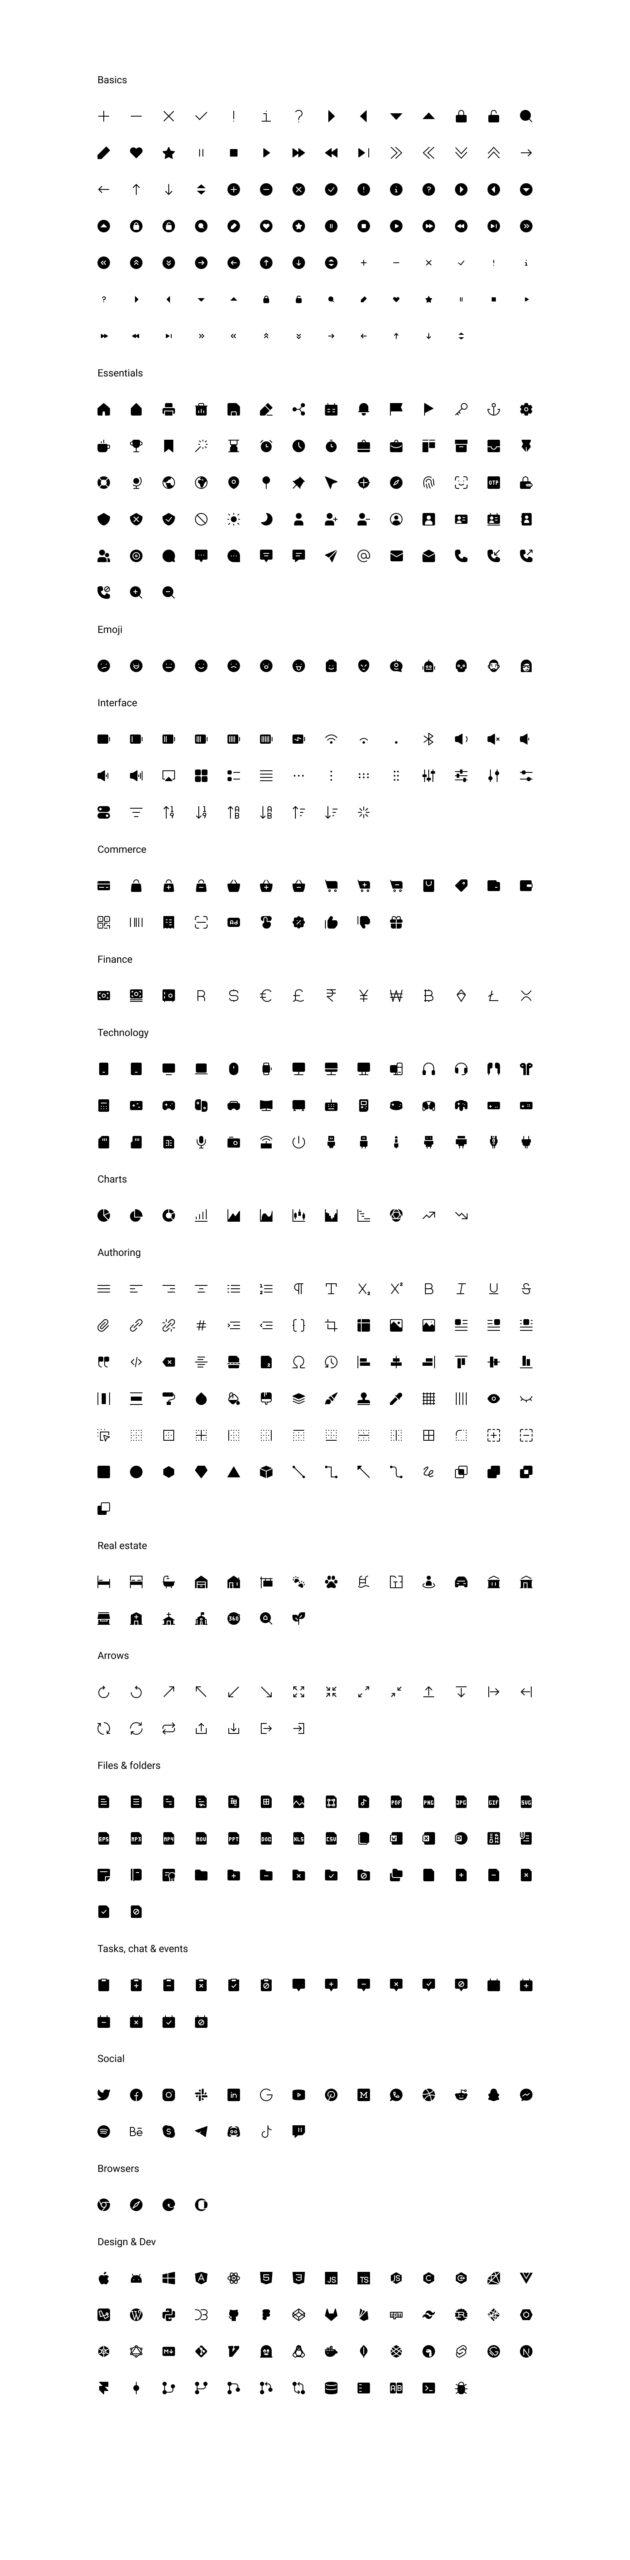 Teenyicons-免费图标集插图1